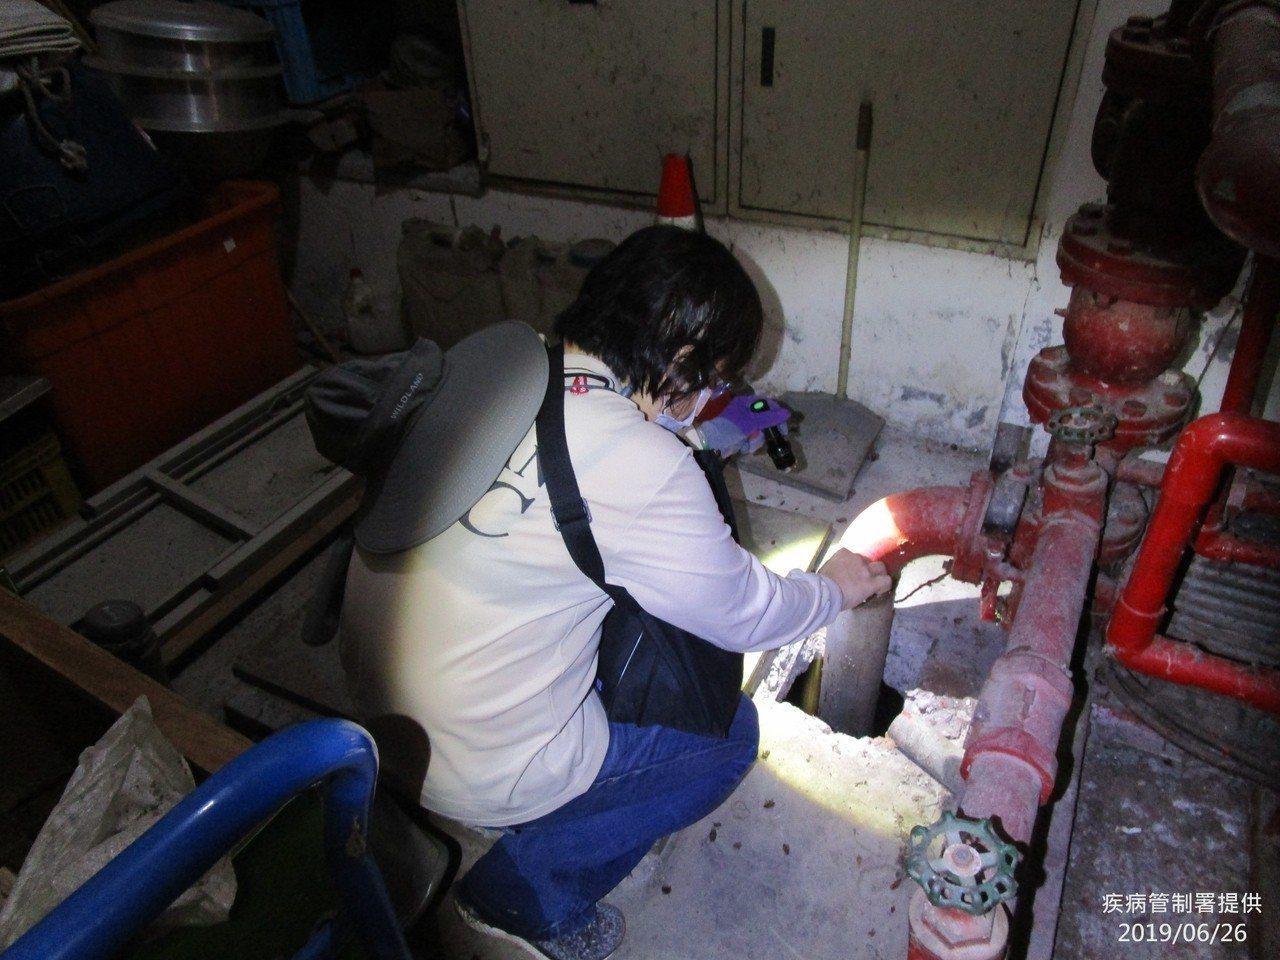 疾管署防疫人員仔細檢視大樓內管線是否有隱藏性孳生源。圖/疾管署提供